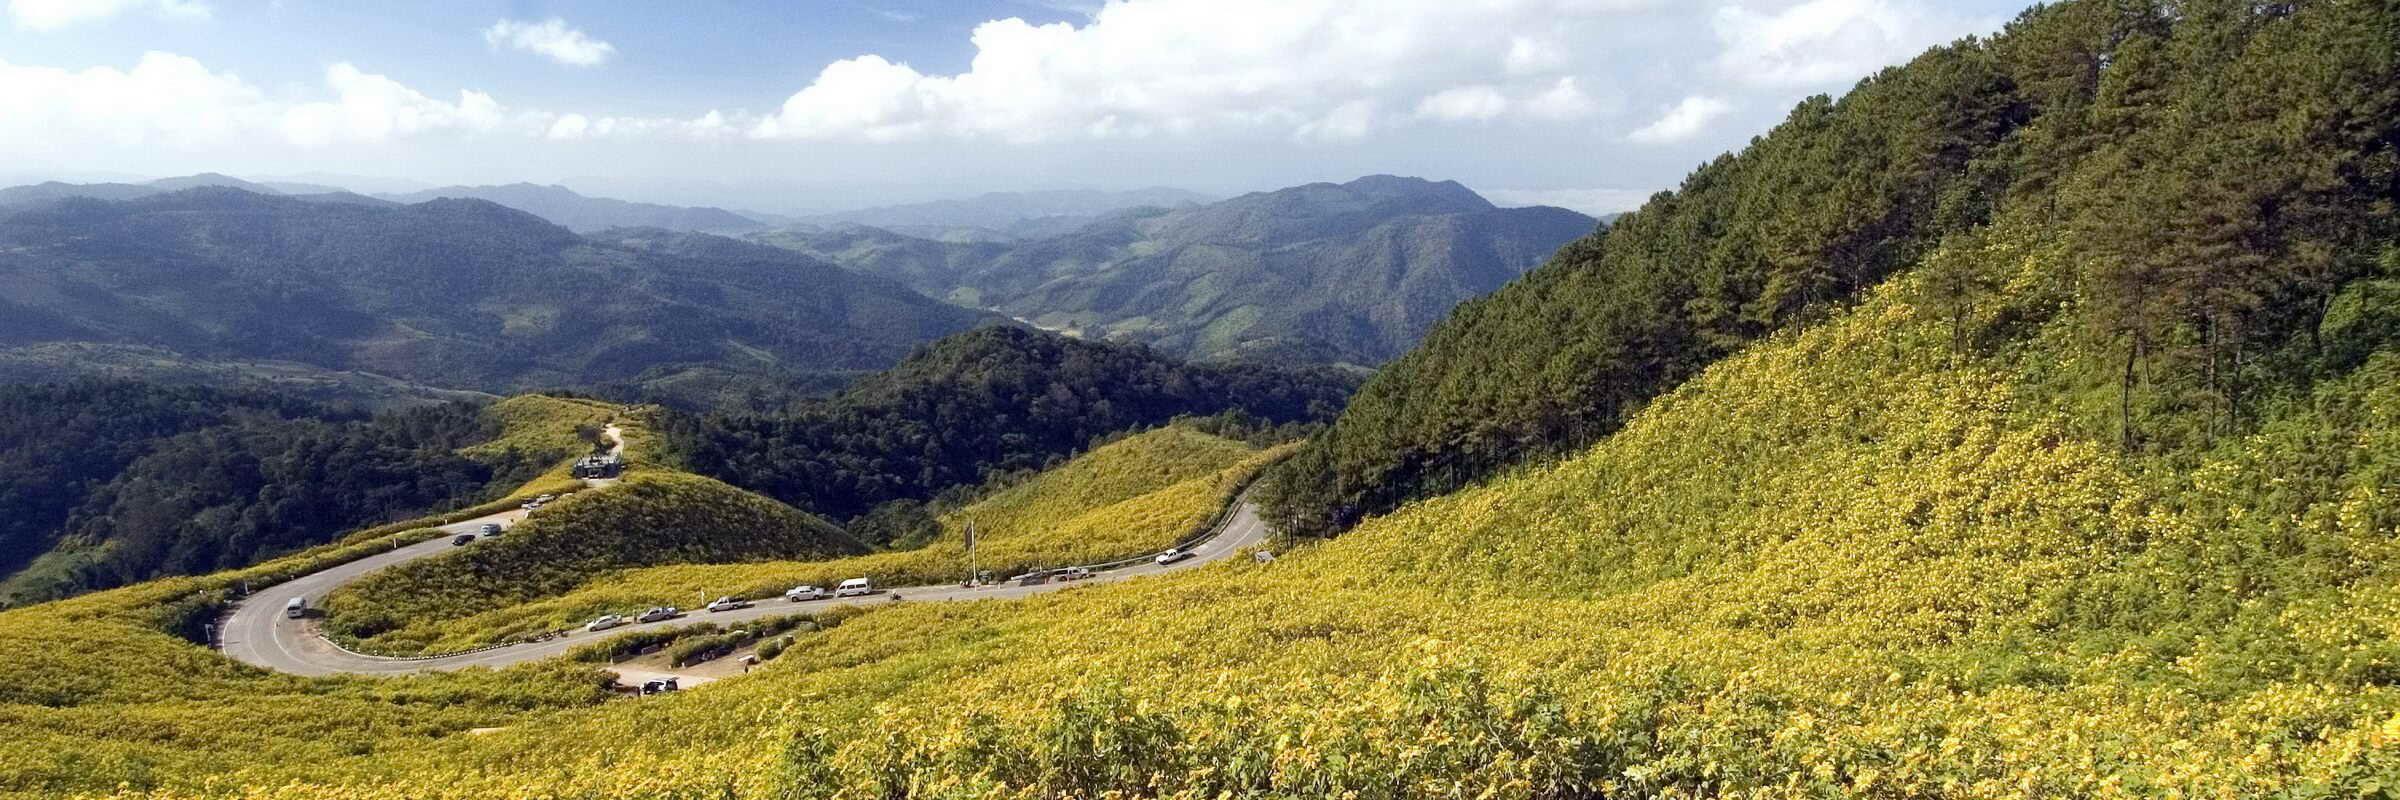 Bua Tong ist eine wildwachsende Gattung der Sonnenblume, die nur einmal im Jahr für 2 Wochen im November blüht und die Felder um Mae Hong Son gelb färbt.